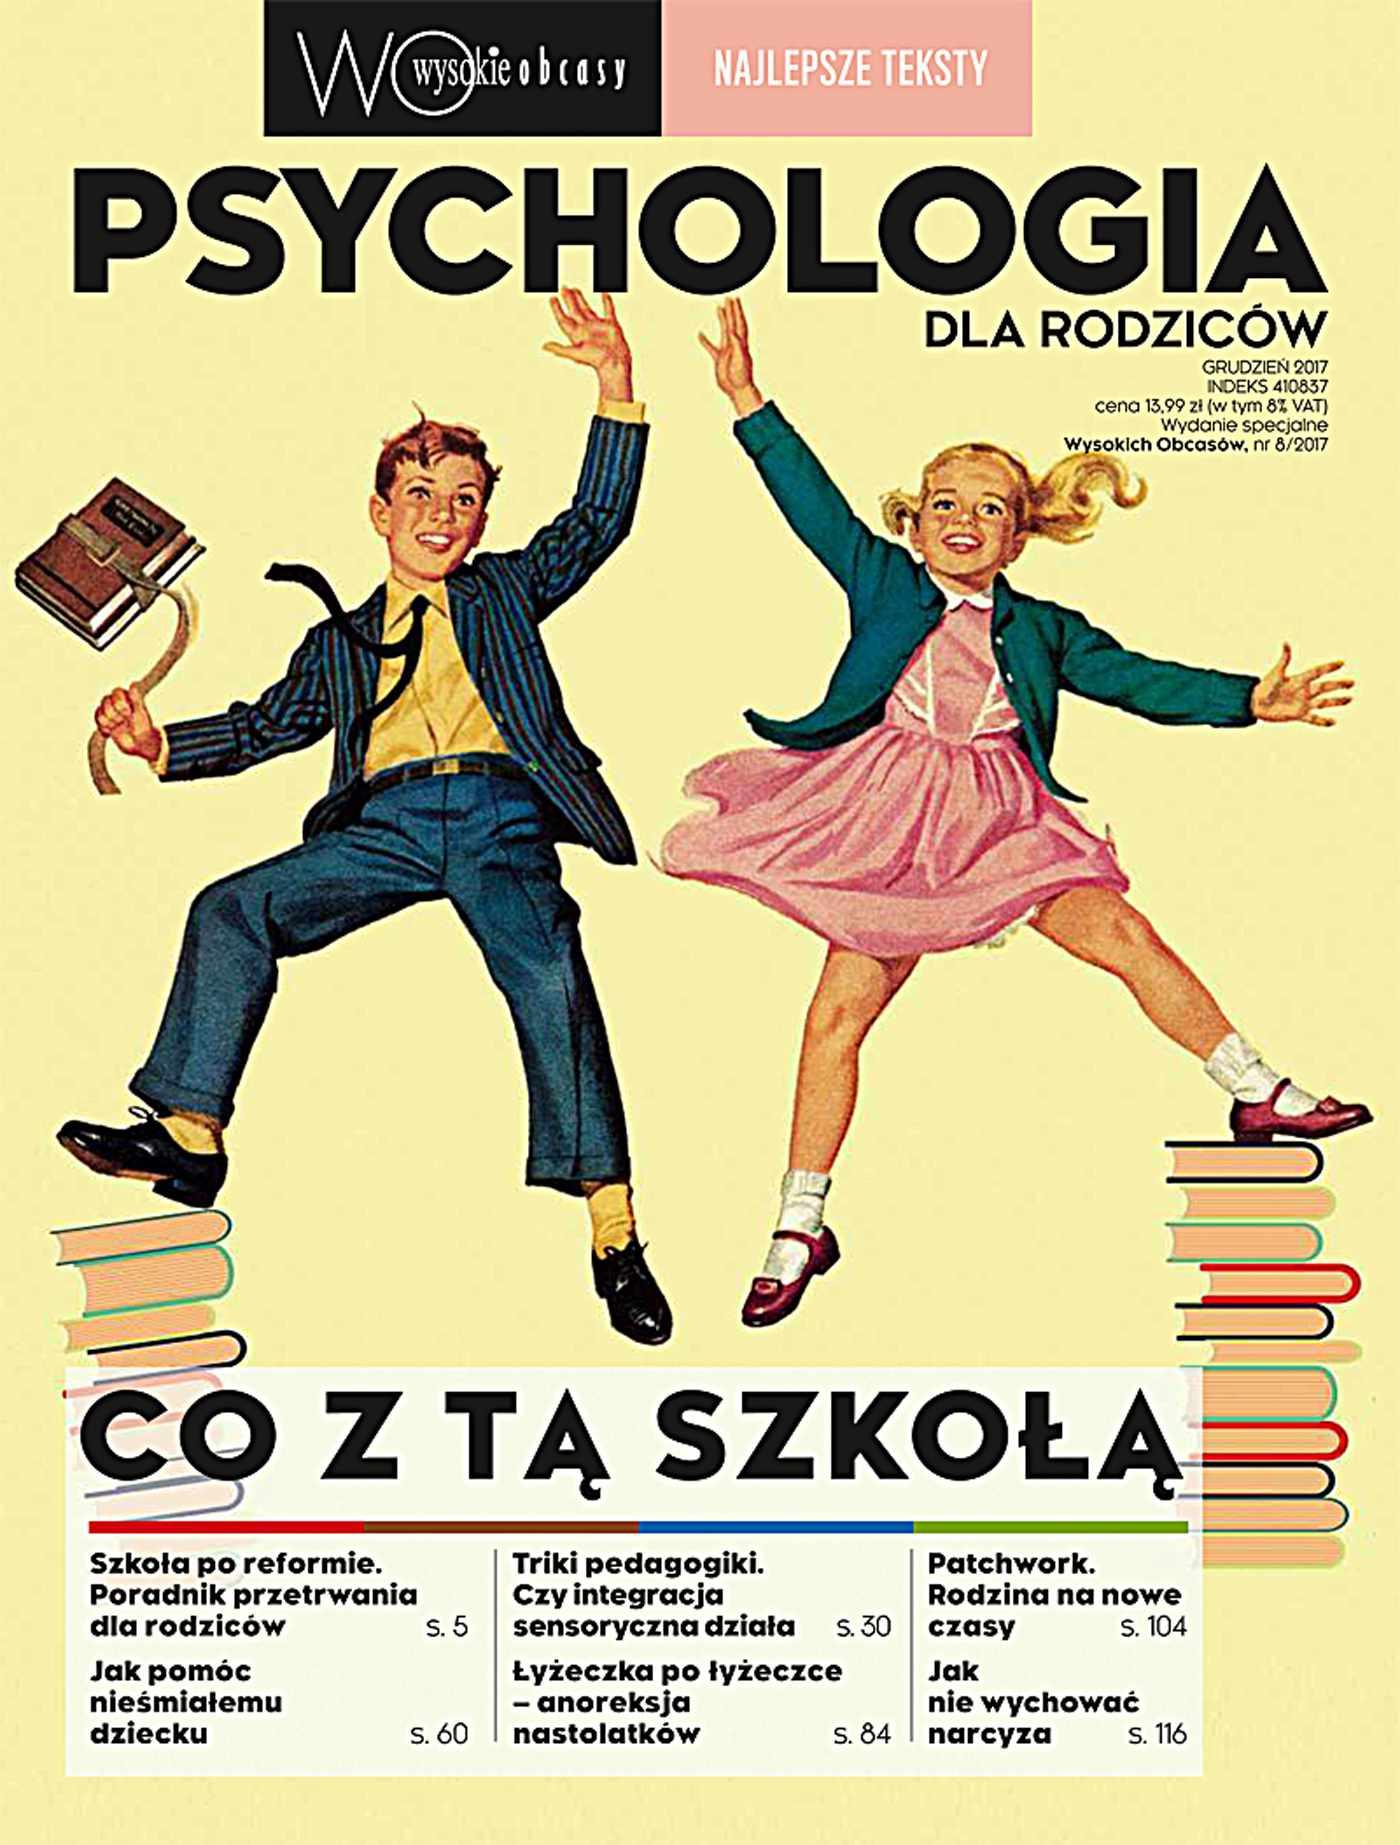 Psychologia dla rodziców 8/2017. Wysokie Obcasy. Wydanie specjalne - Ebook (Książka PDF) do pobrania w formacie PDF